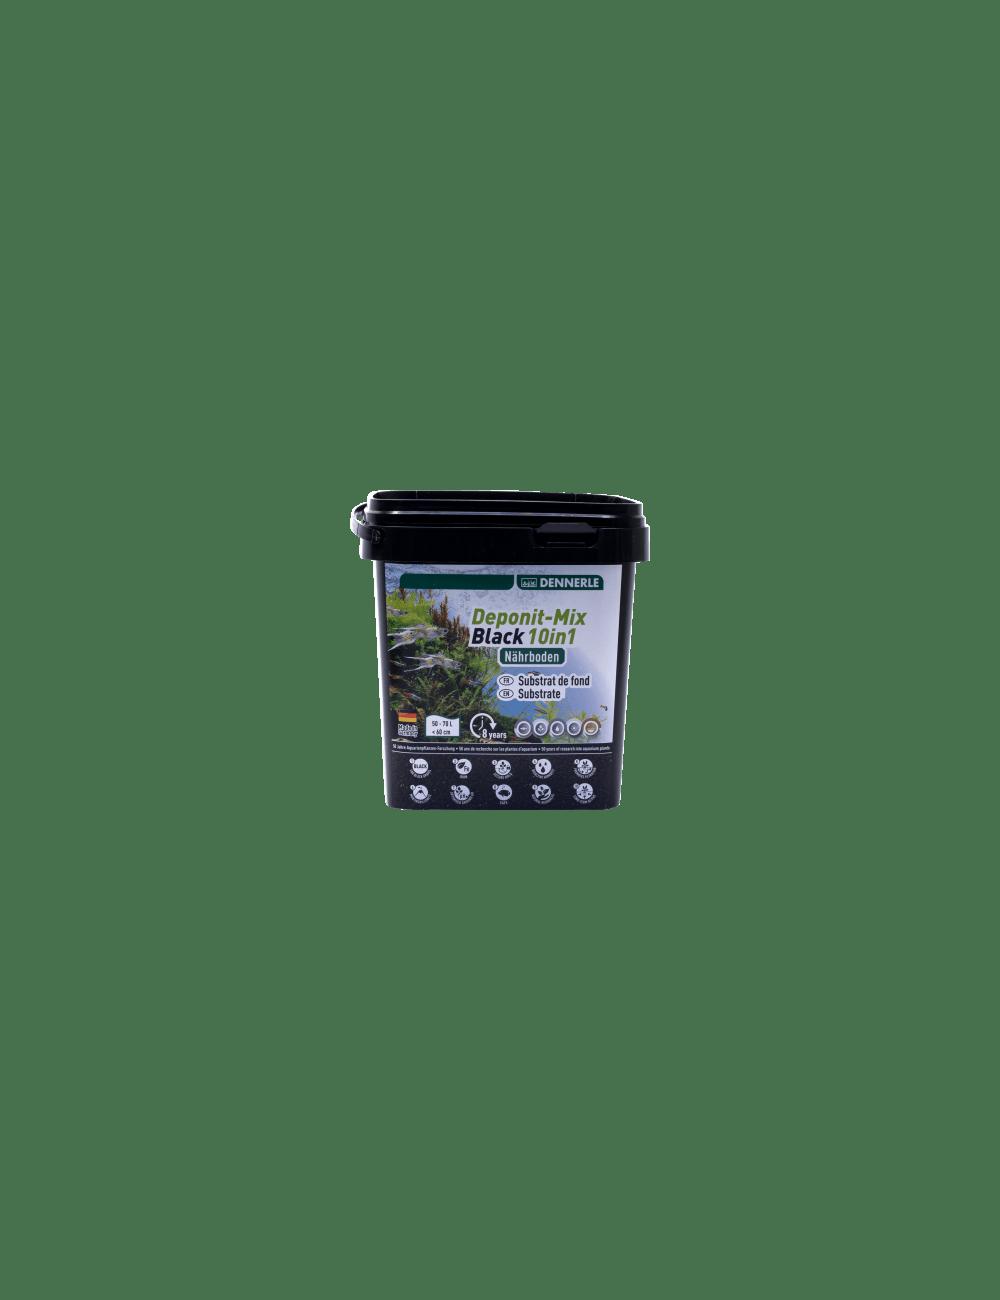 DENNERLE - Deponit-Mix Black 10IN1 - 2,4 kg - Substrat nutritif minéral noir